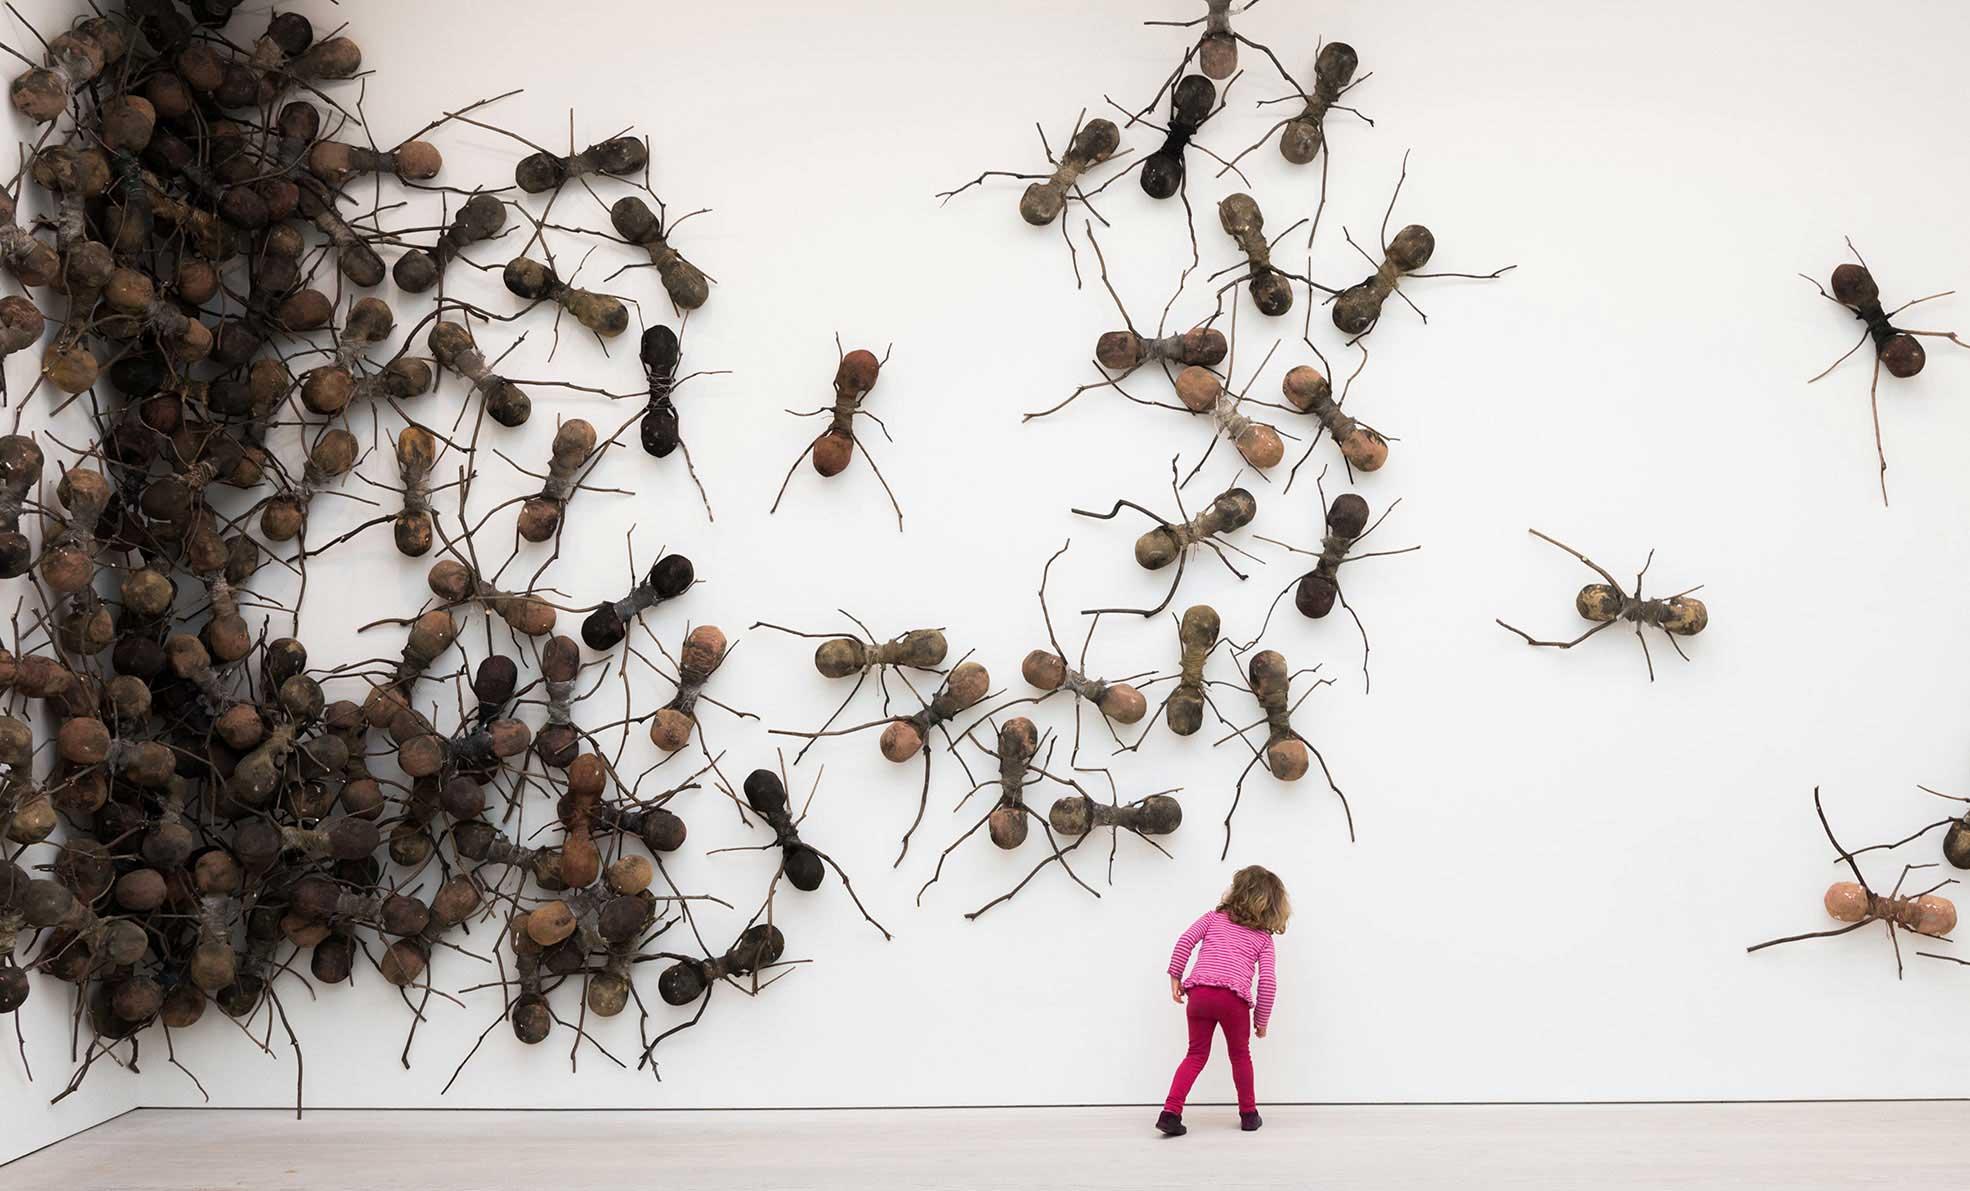 Casa Tomada, de Rafael Gómezbarros. Esculturas de fibra de vidrio, fotografía tomada en la galería Saatchi, Londres. 2014.